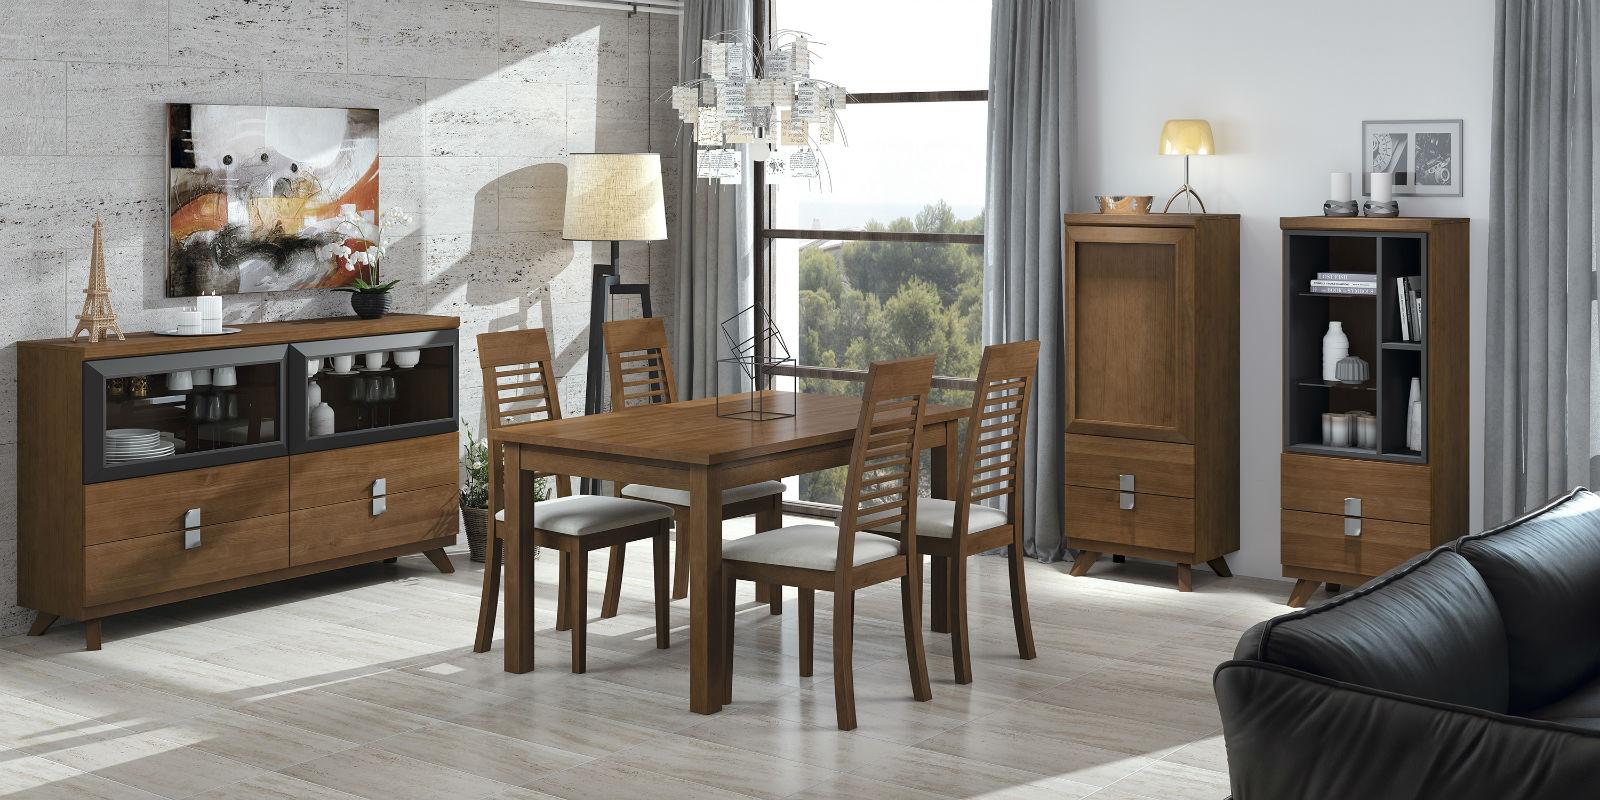 Muebles almer a muebles abrucena muebles baratos for Quiero ver comedores